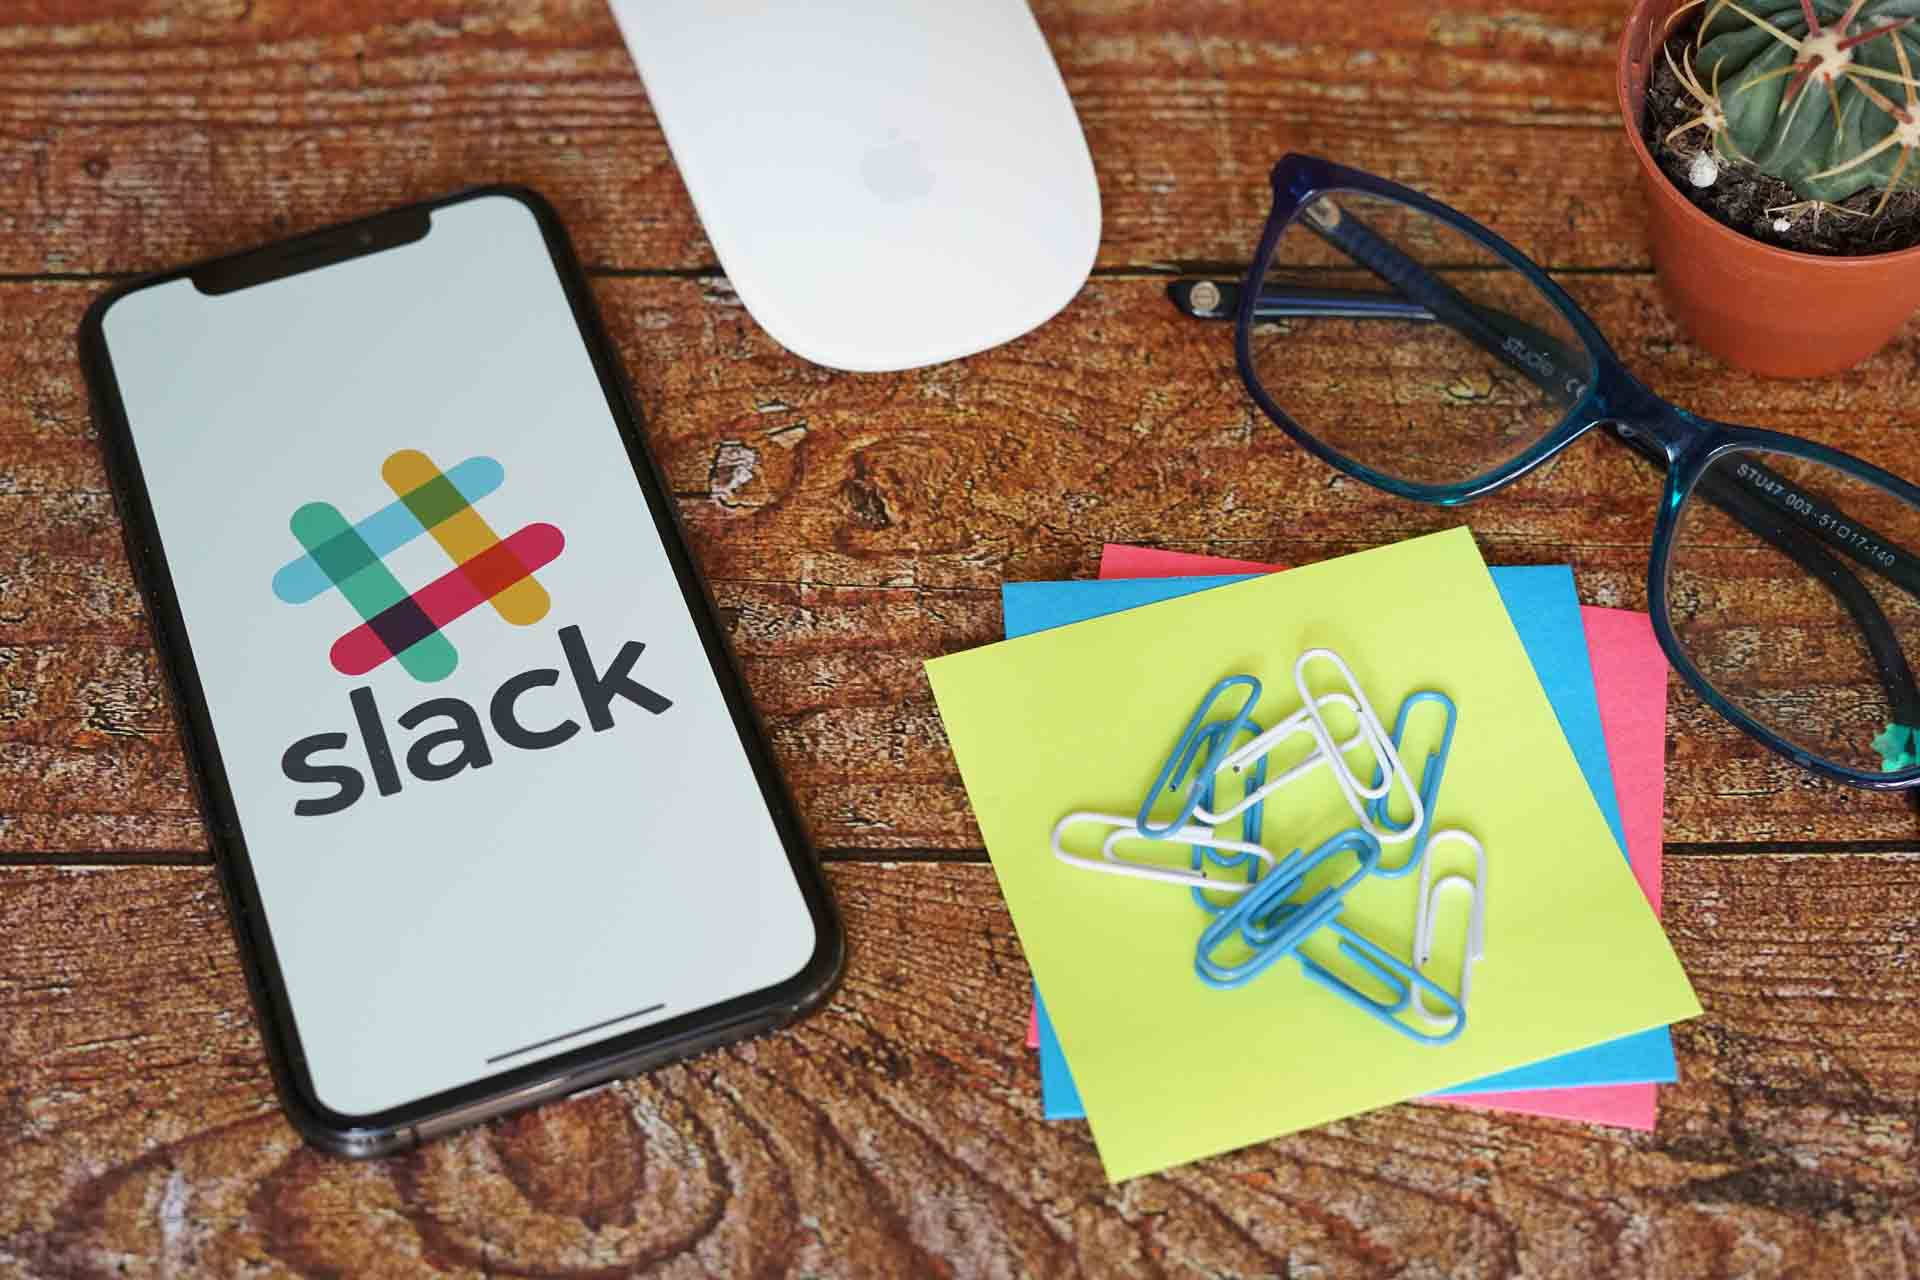 سلاك تعقد شراكة جديدة مع أمازون لمواجهة مايكروسوفت تيمز